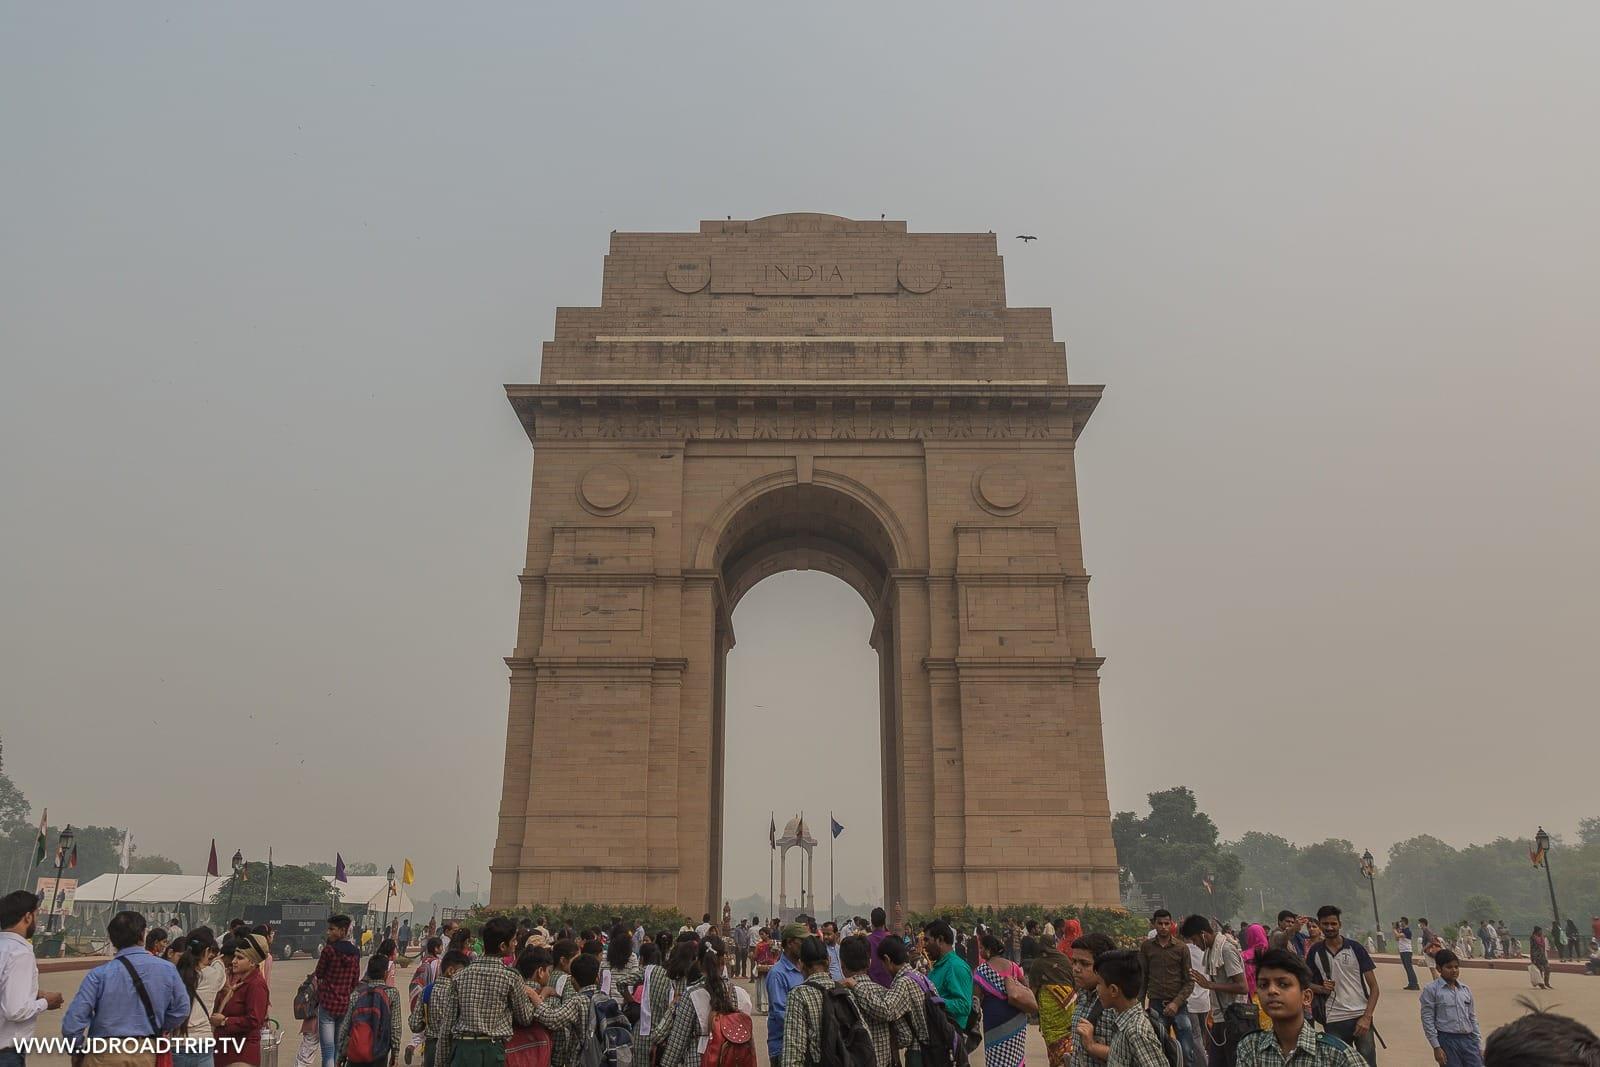 Conseils pour visiter New Delhi en 3 ou 4 jours - Porte de l'Inde